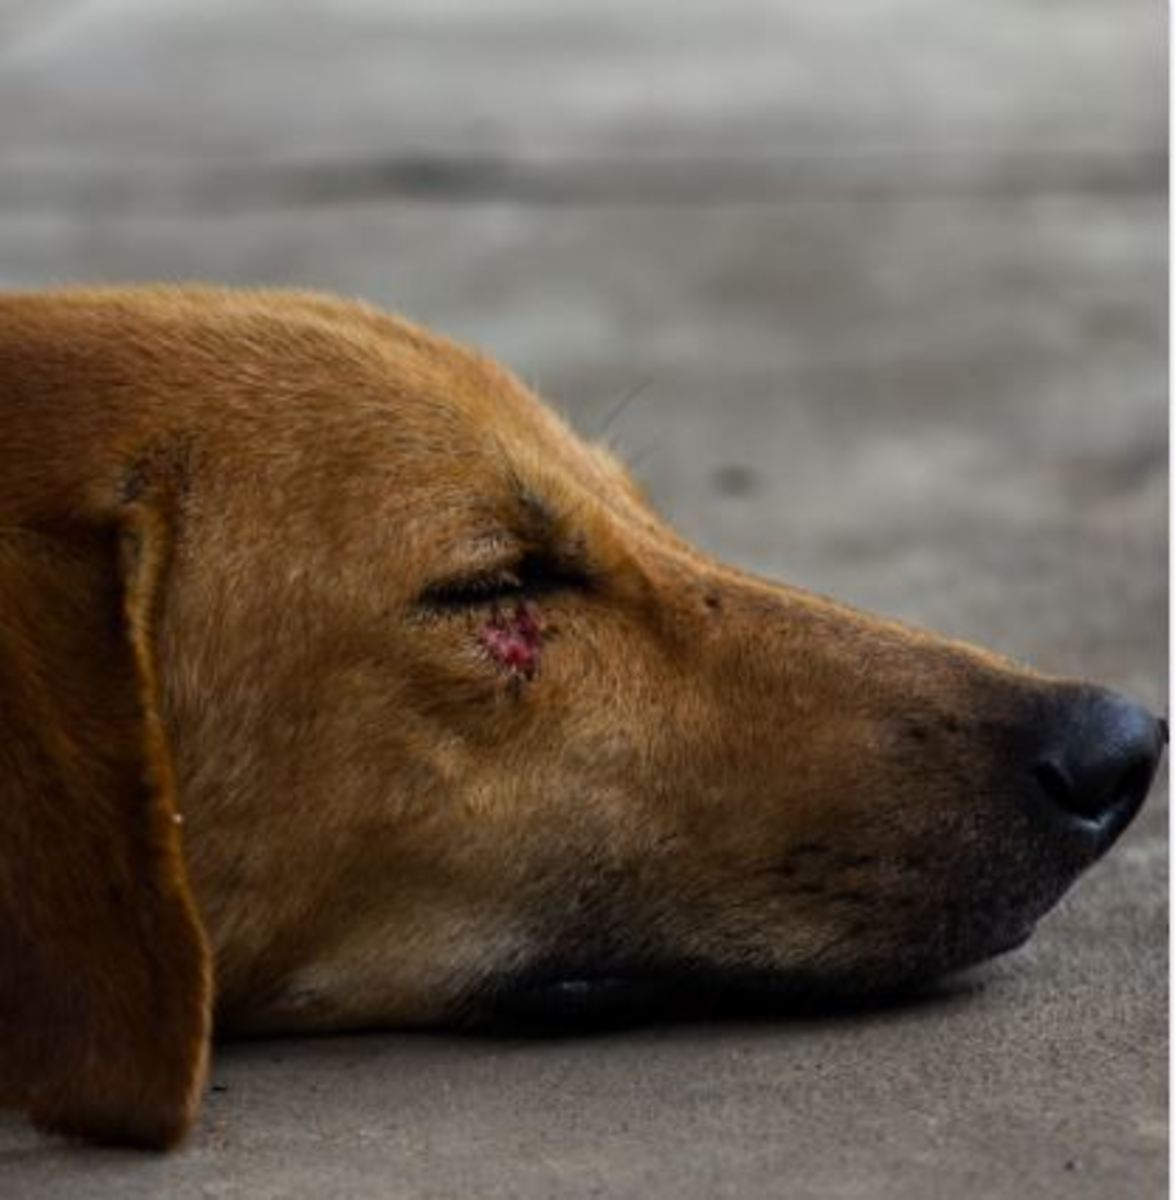 dog bite wound